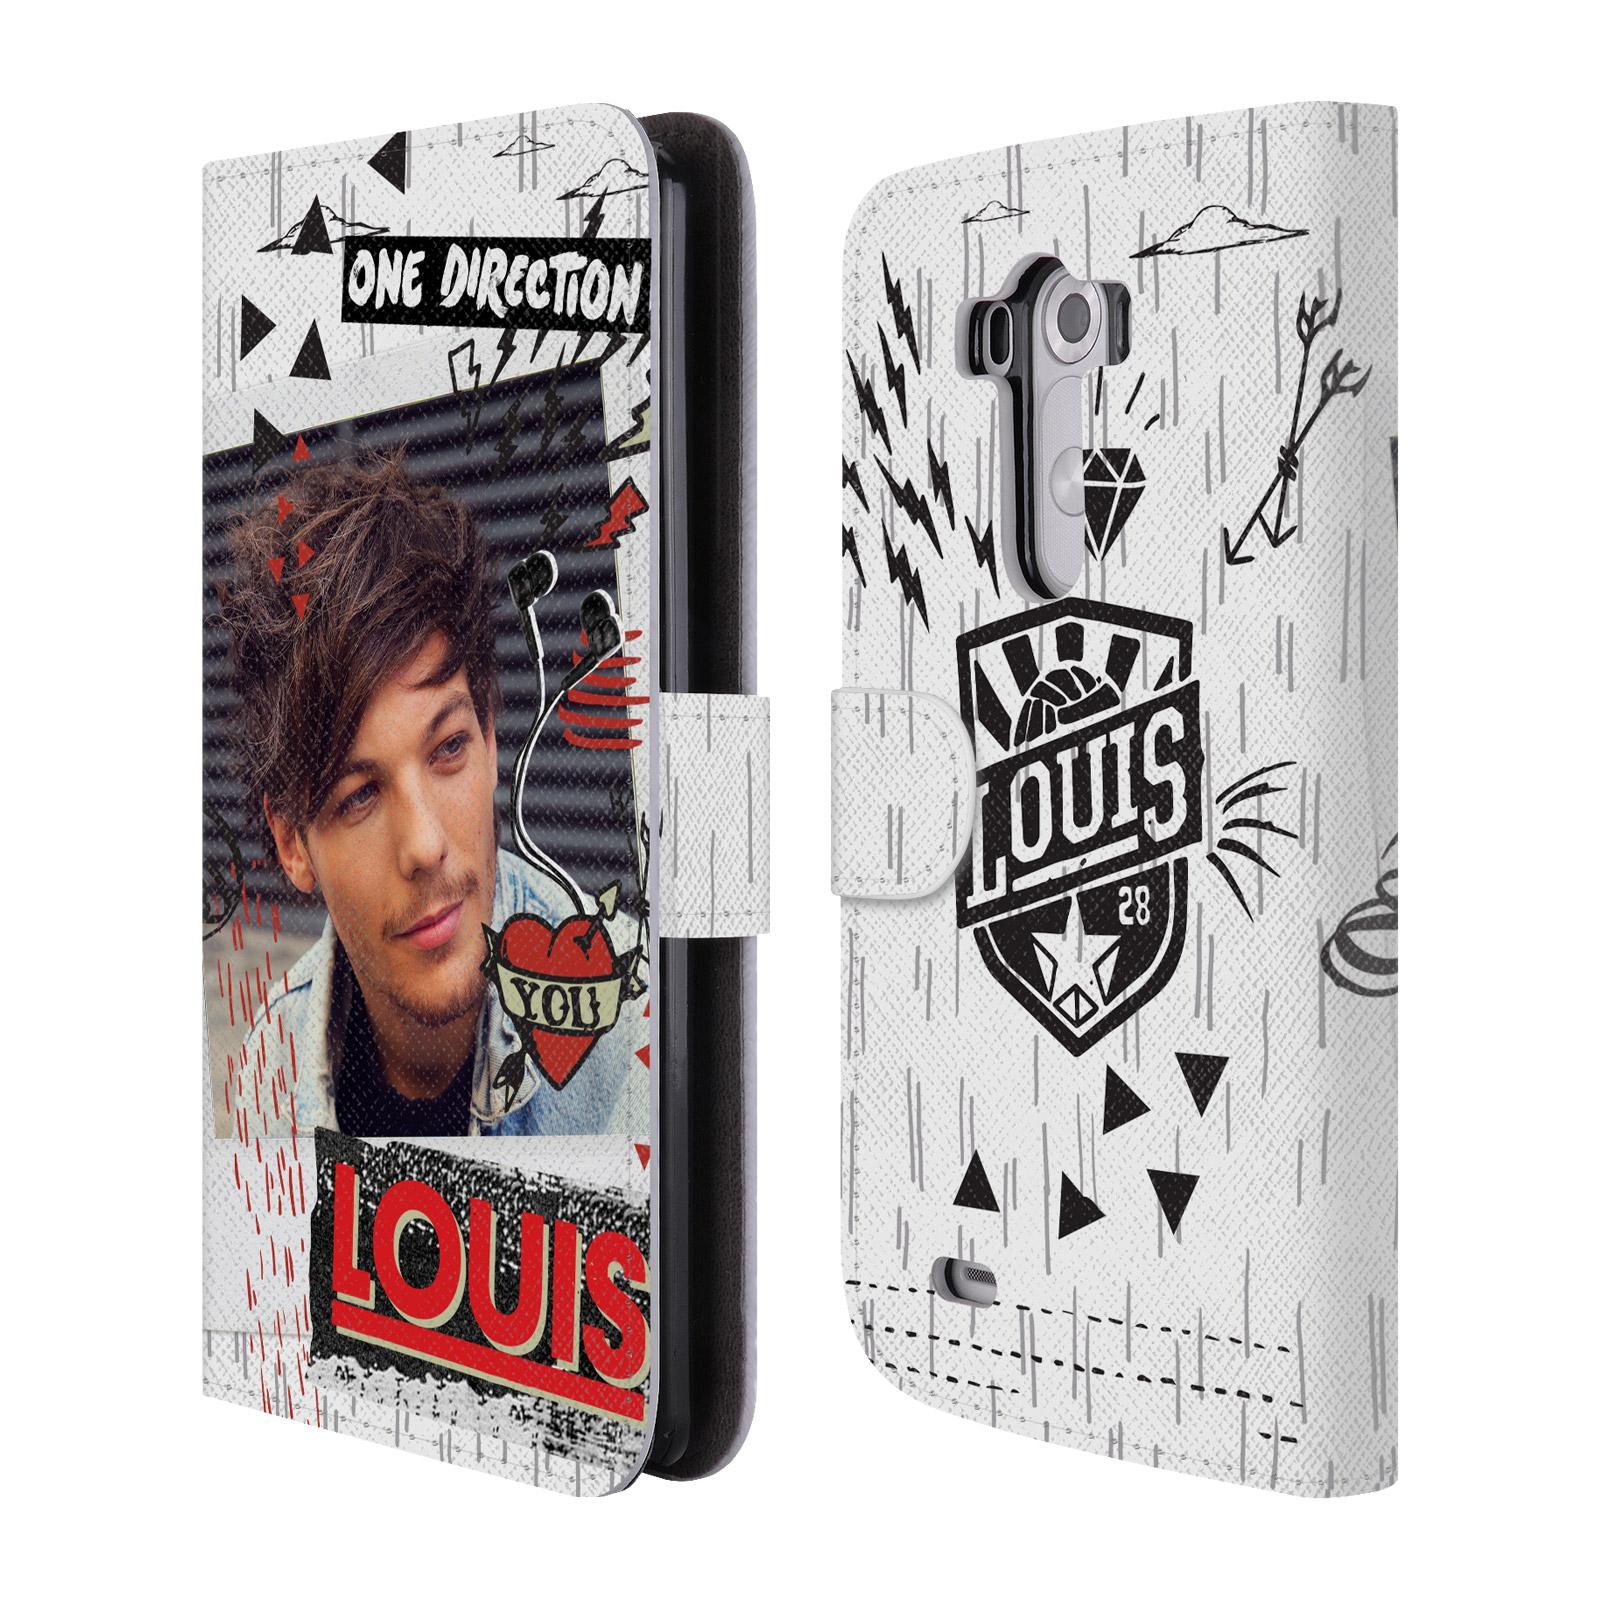 Officiel-One-Direction-1D-Midnight-Louis-cuir-Livre-etui-Pour-Telephones-LG-1